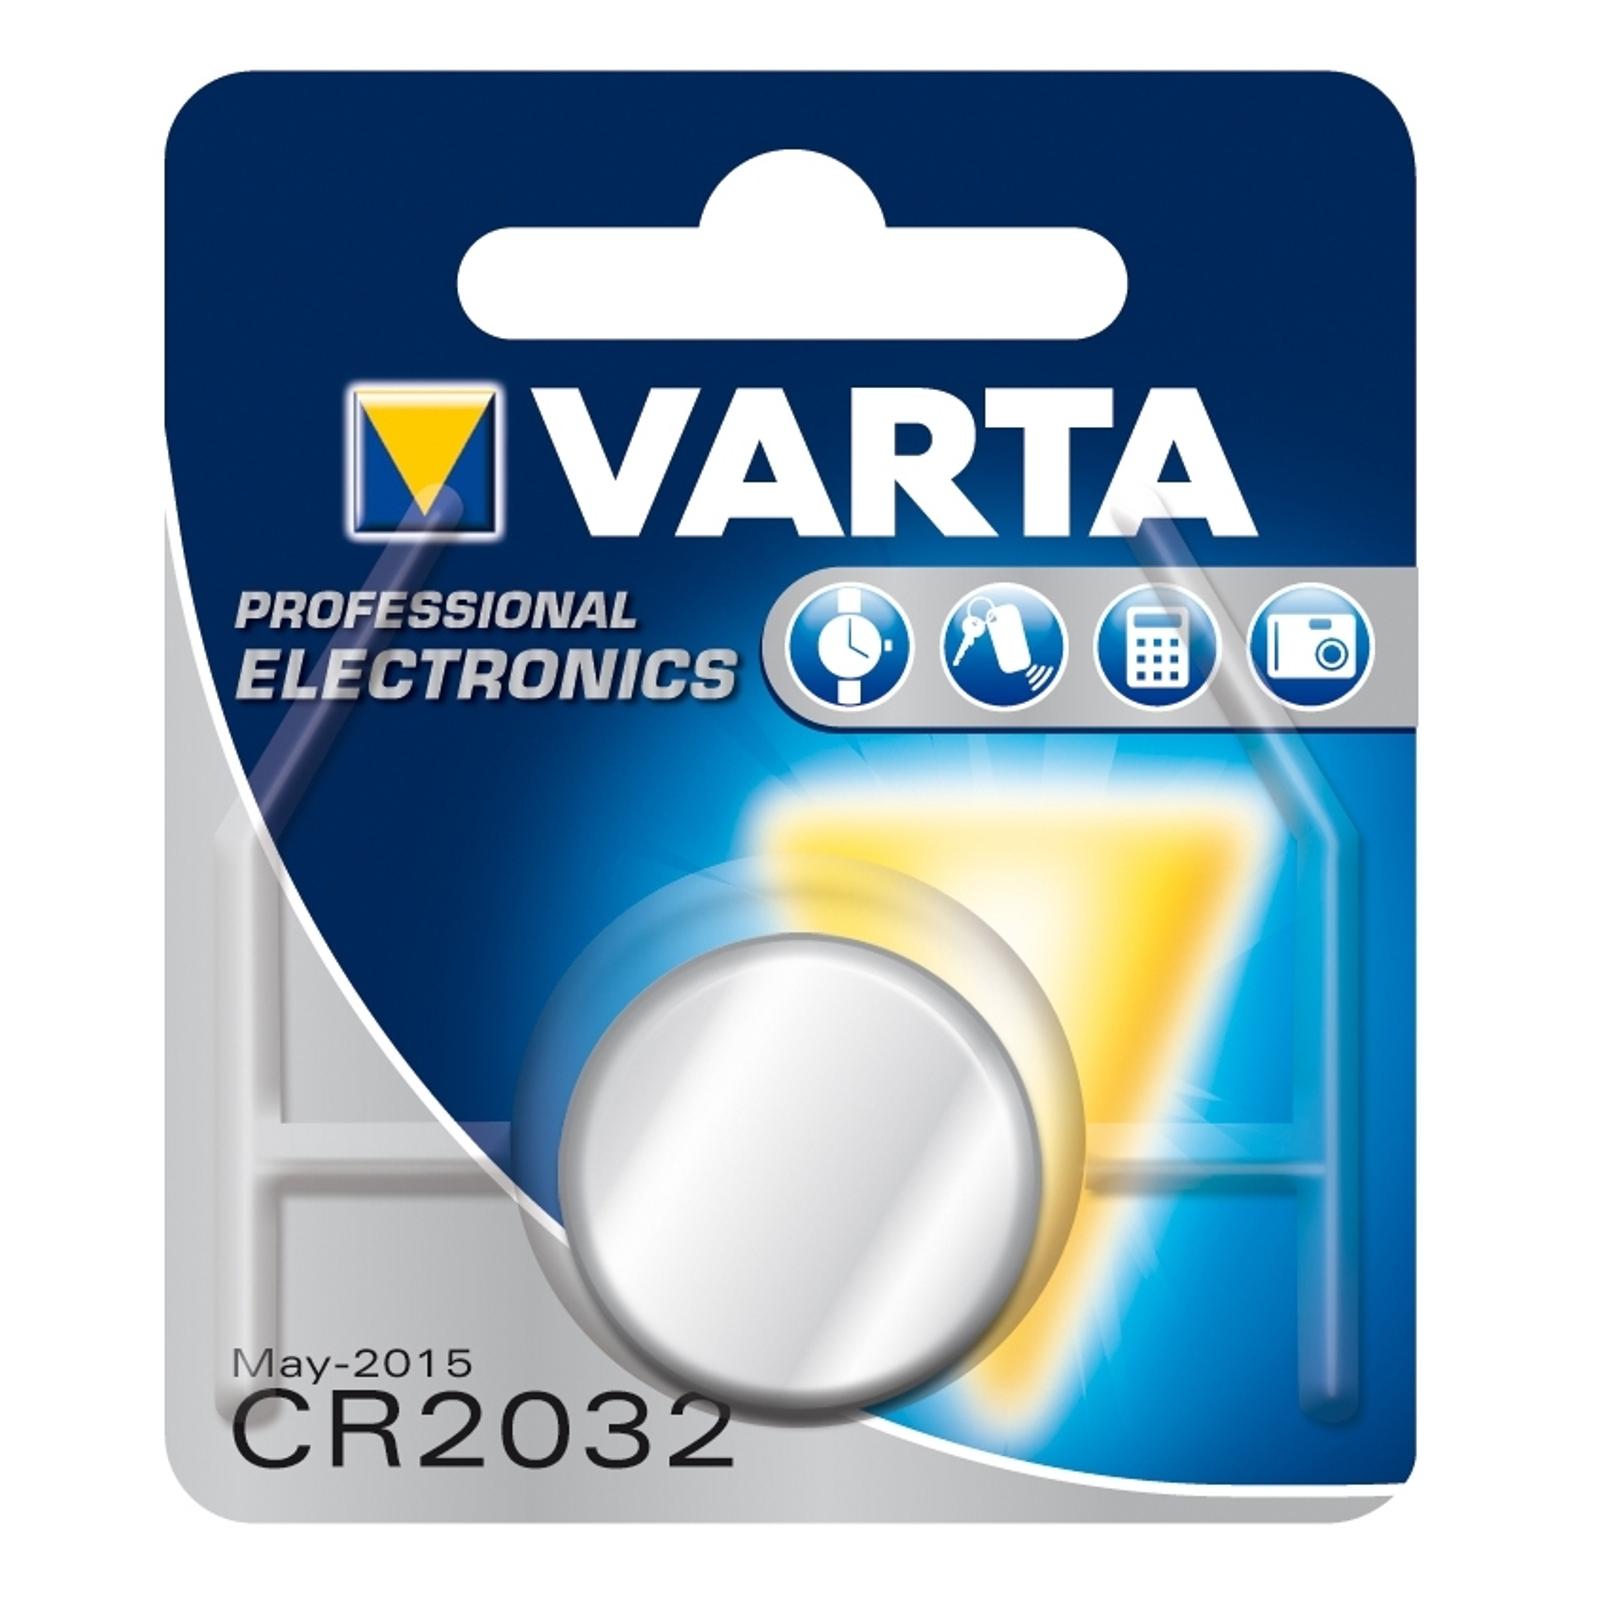 VARTA Litium knappcelle CR2032 3V 220 mAh